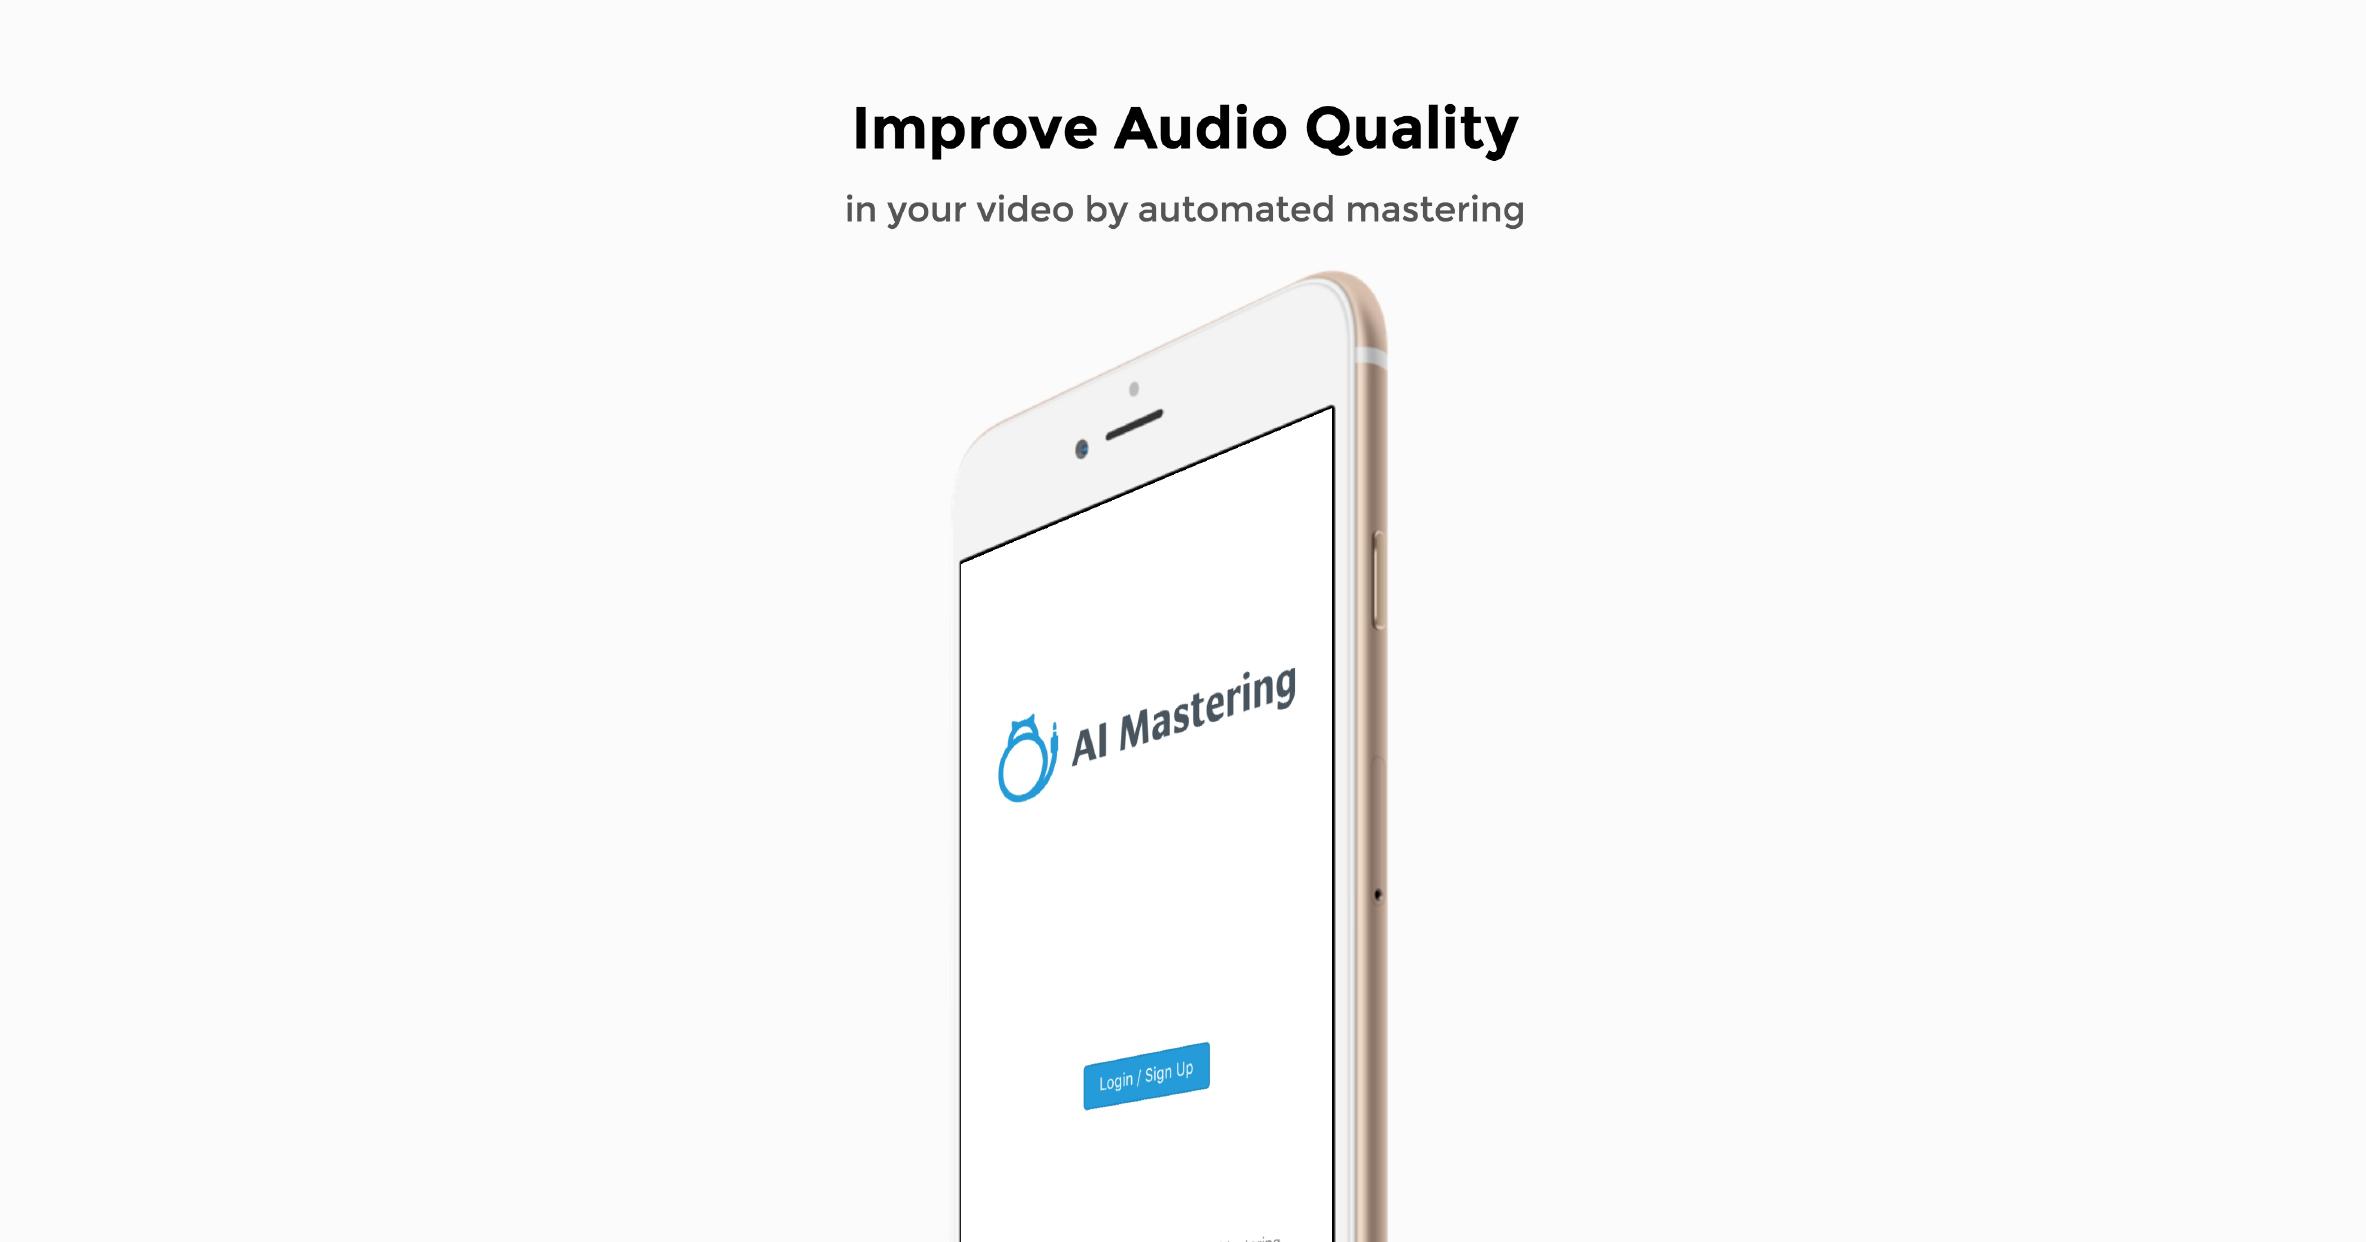 हमने स्मार्टफ़ोन के साथ ली गई फिल्मों की वॉल्यूम और ध्वनि गुणवत्ता बढ़ाने के लिए एक एप्लिकेशन जारी किया!